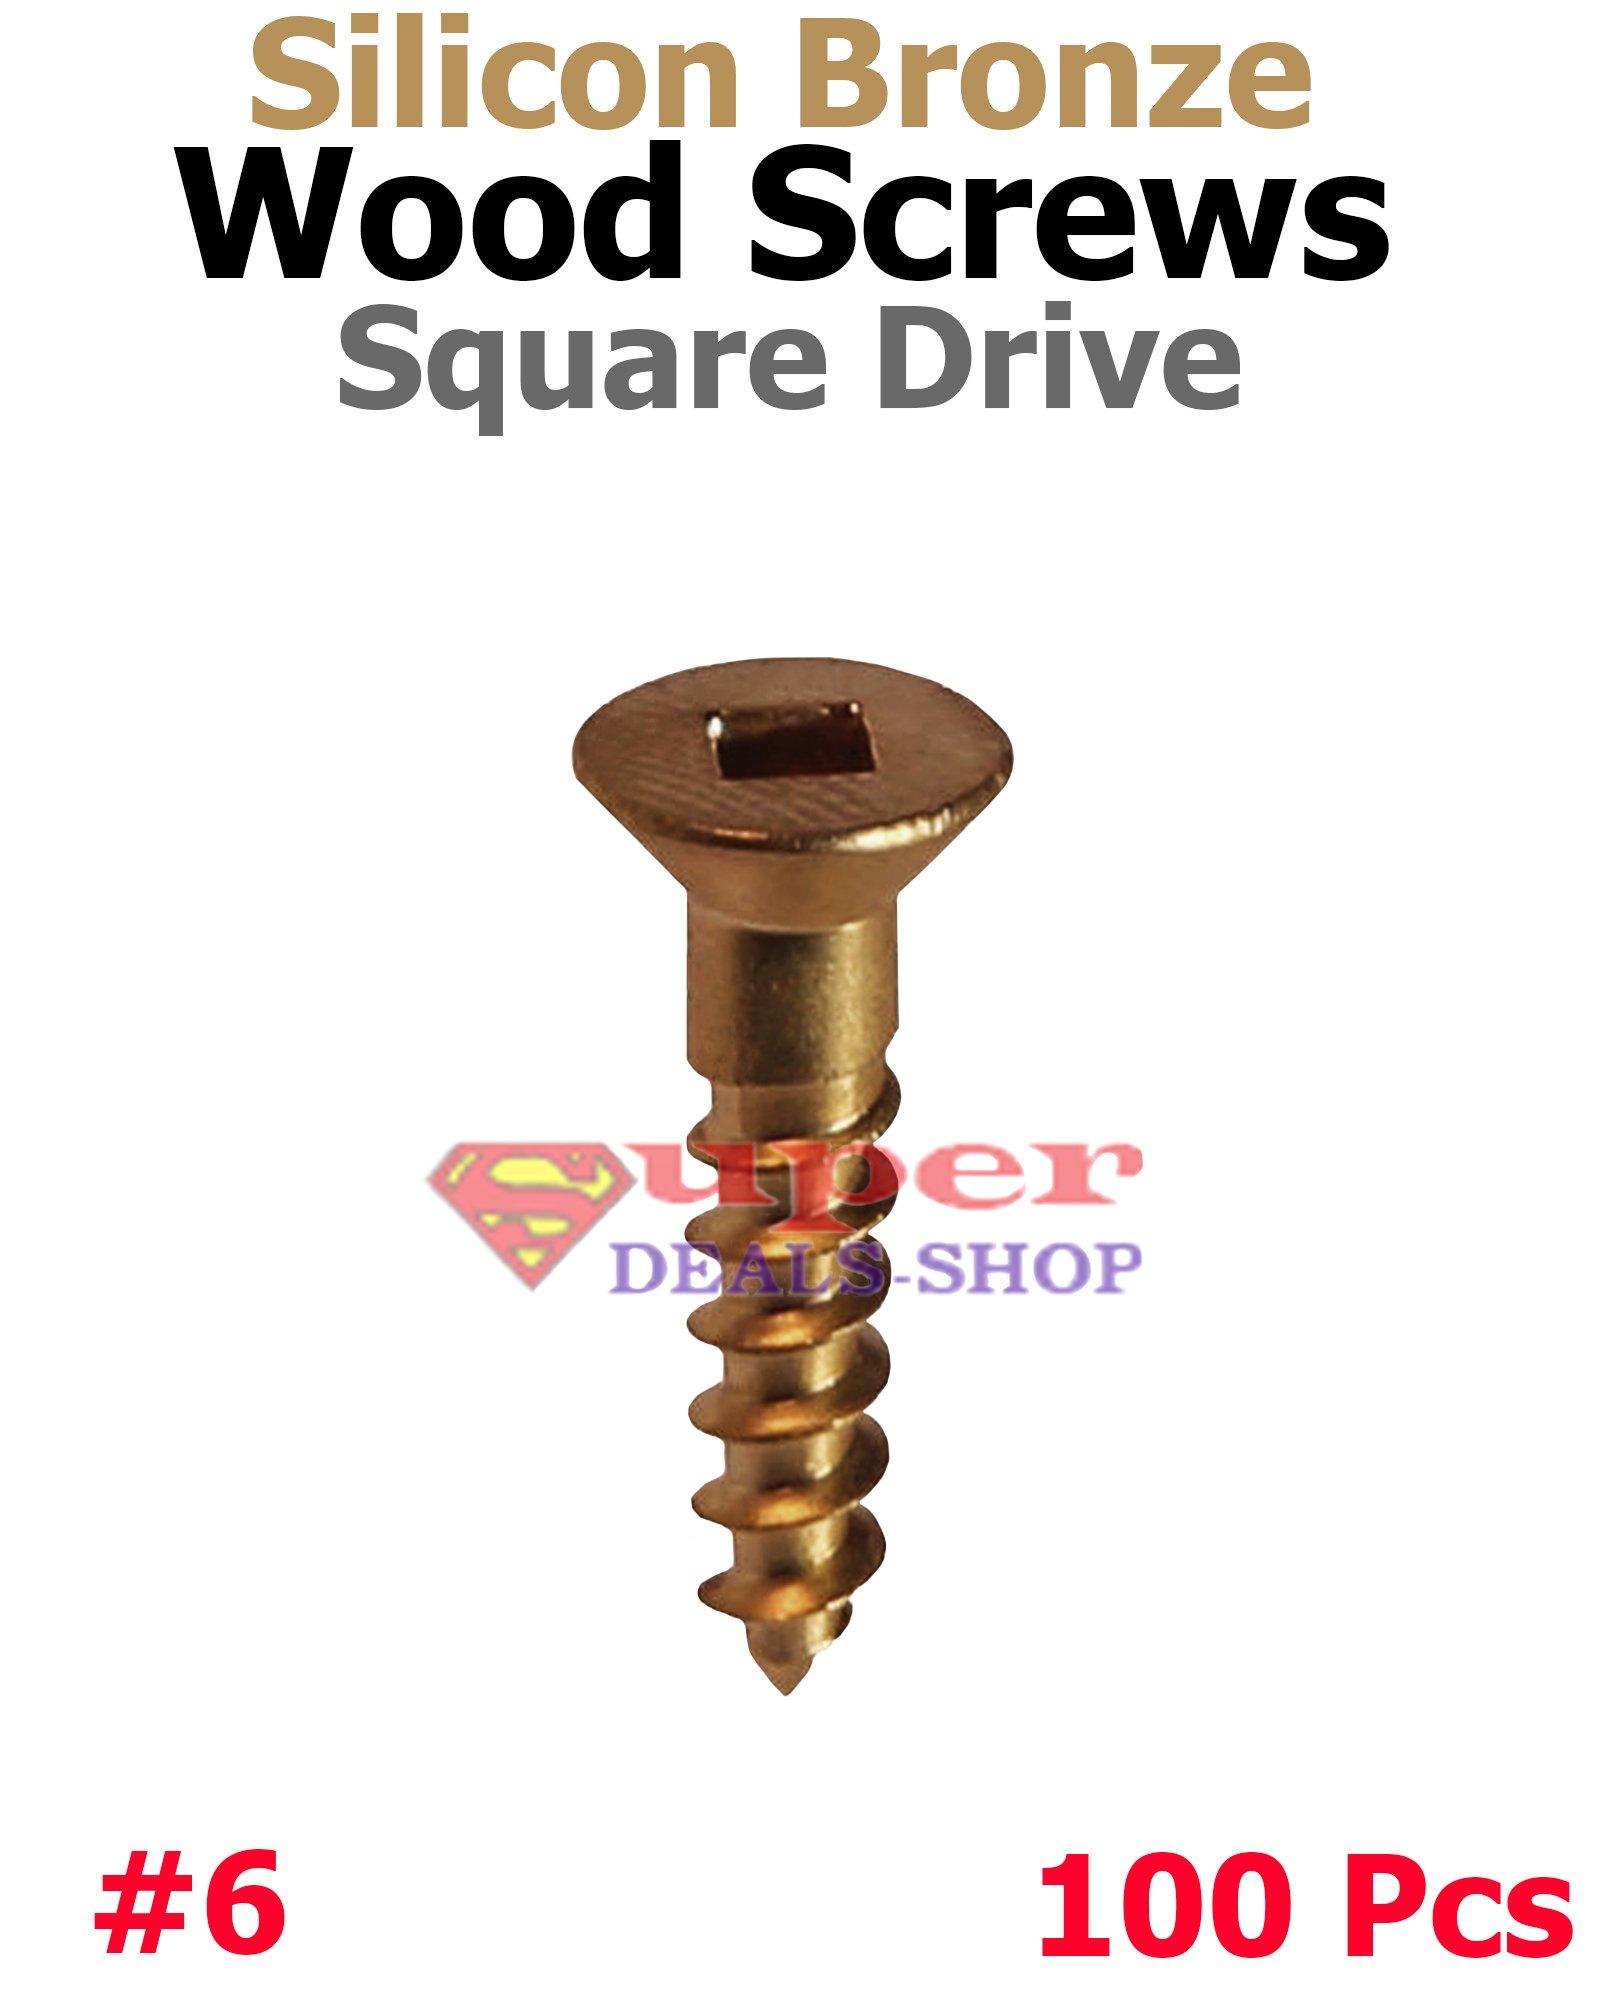 100 Pcs #6 x 3/4' Silicon Bronze Wood Screws Flat Head Square Drive Super-Deals-Shop